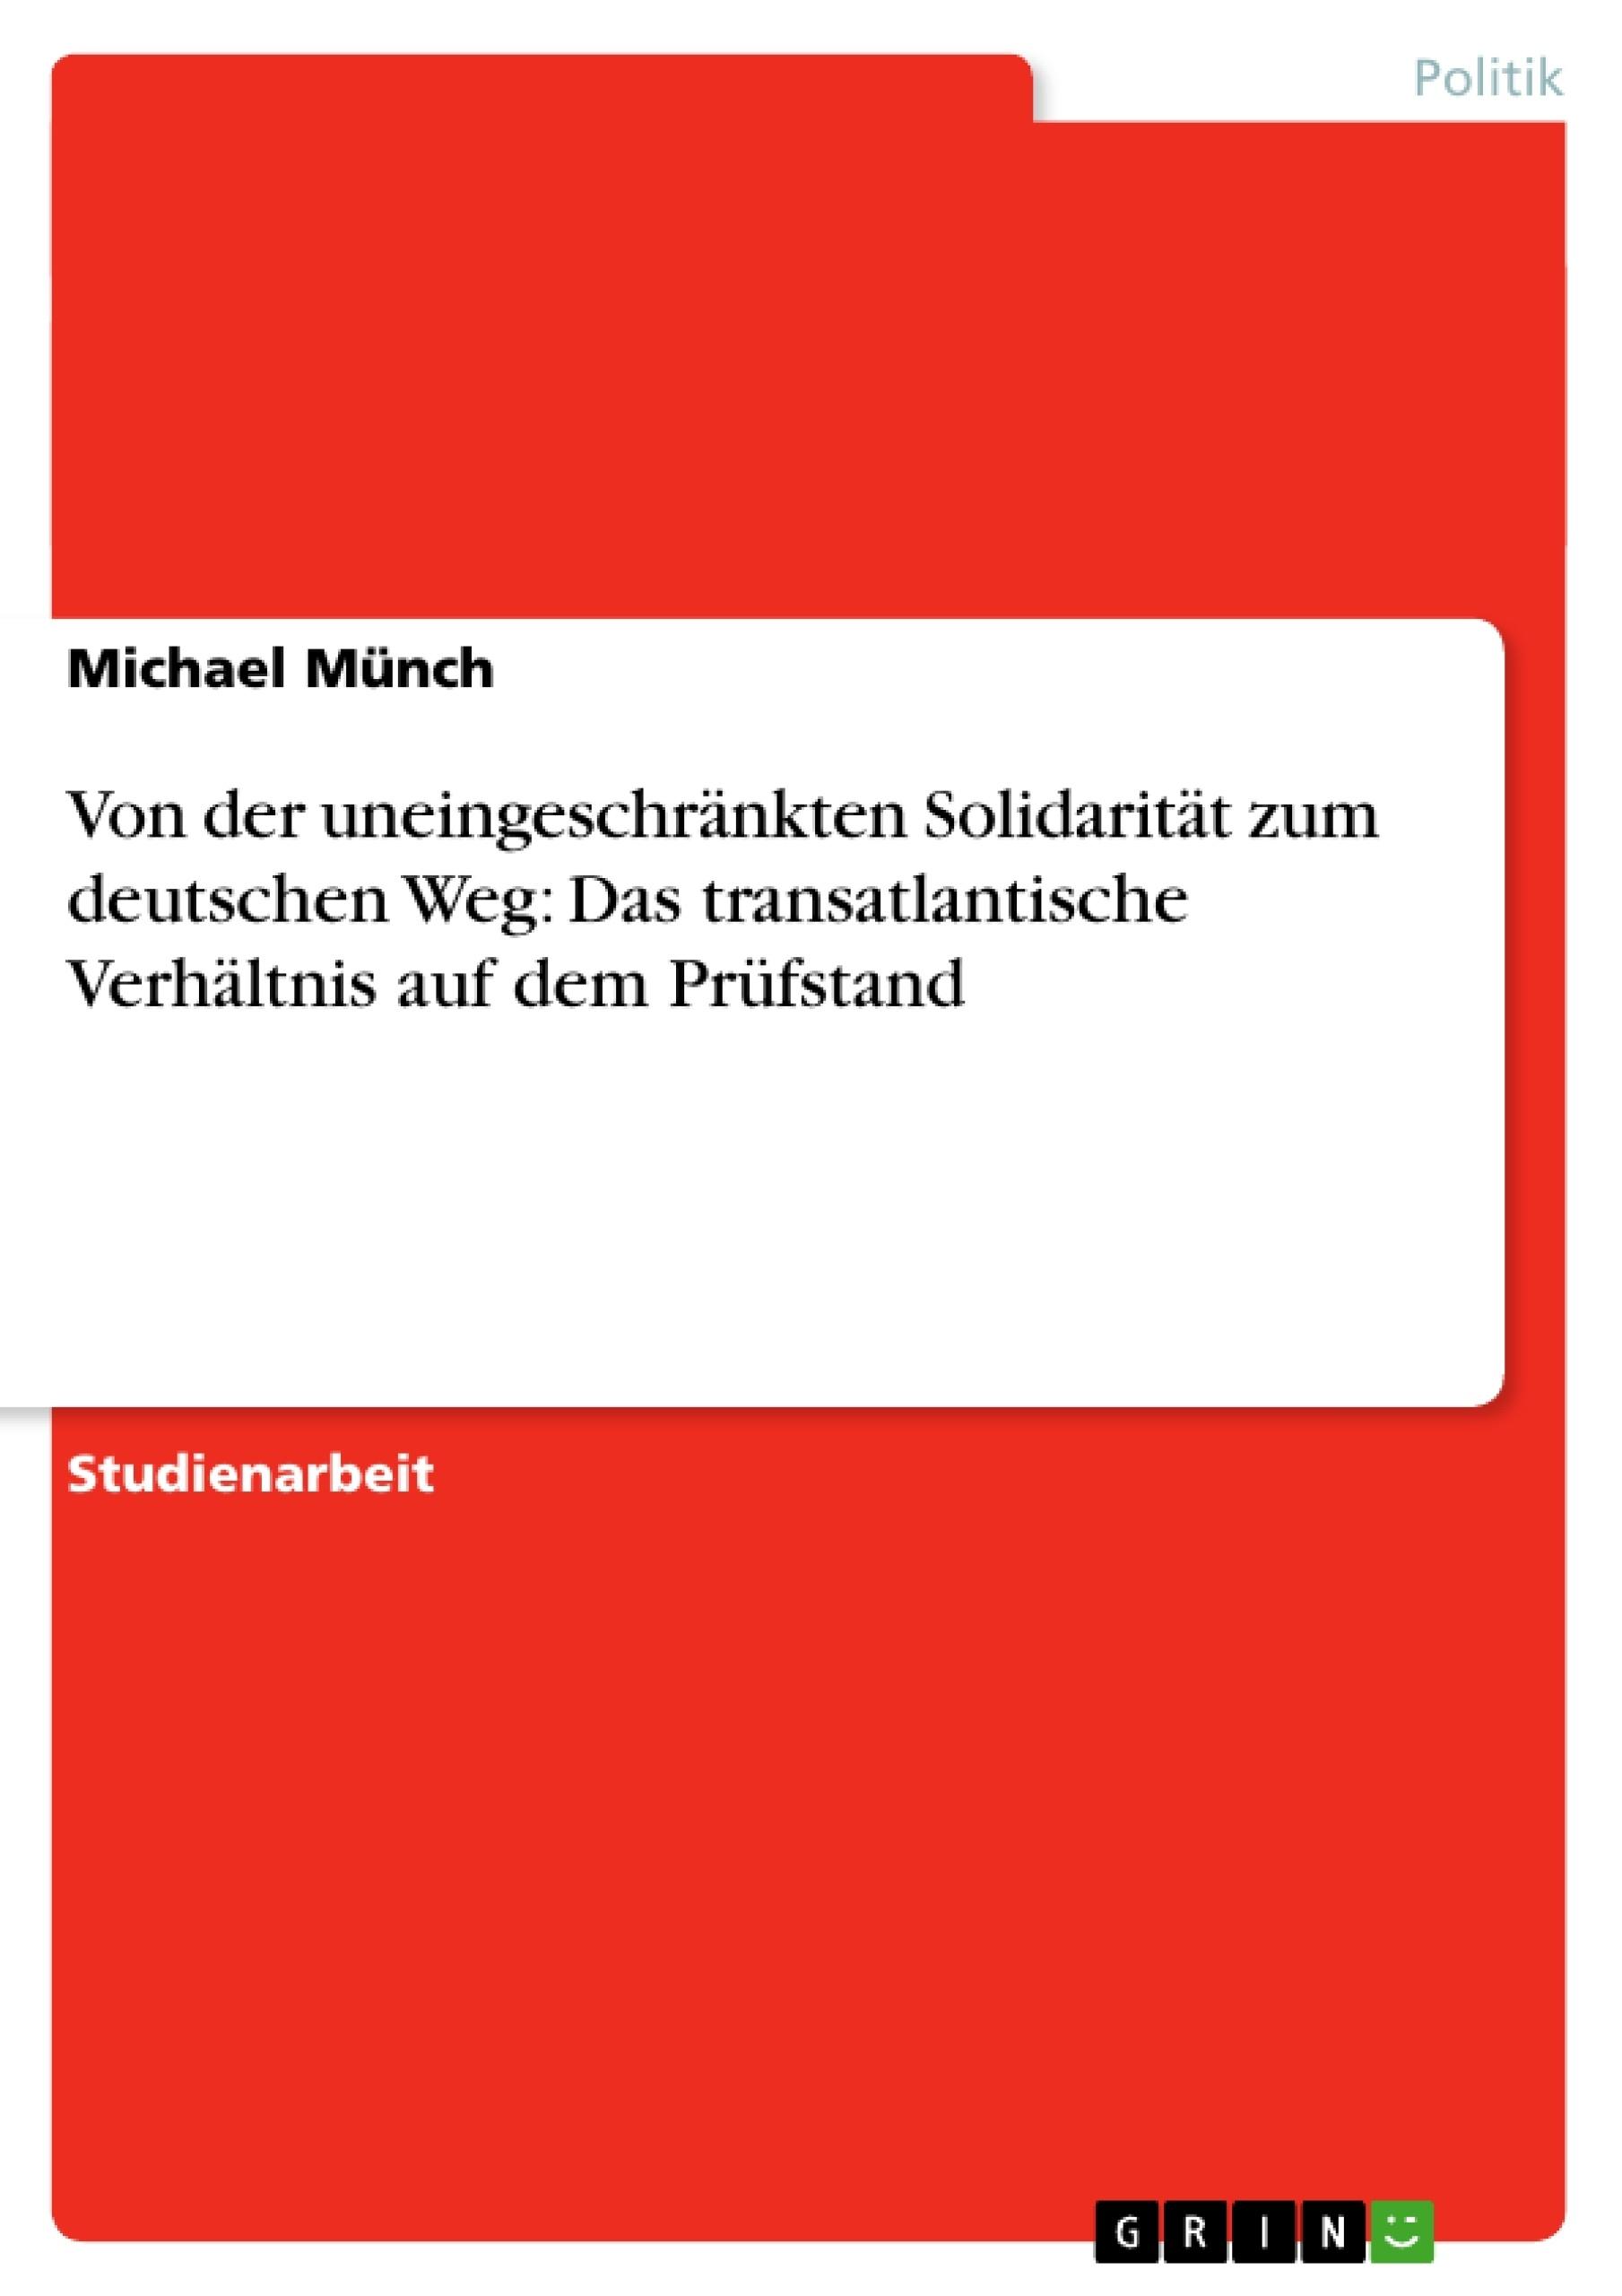 Titel: Von der uneingeschränkten Solidarität zum deutschen Weg: Das transatlantische Verhältnis auf dem Prüfstand